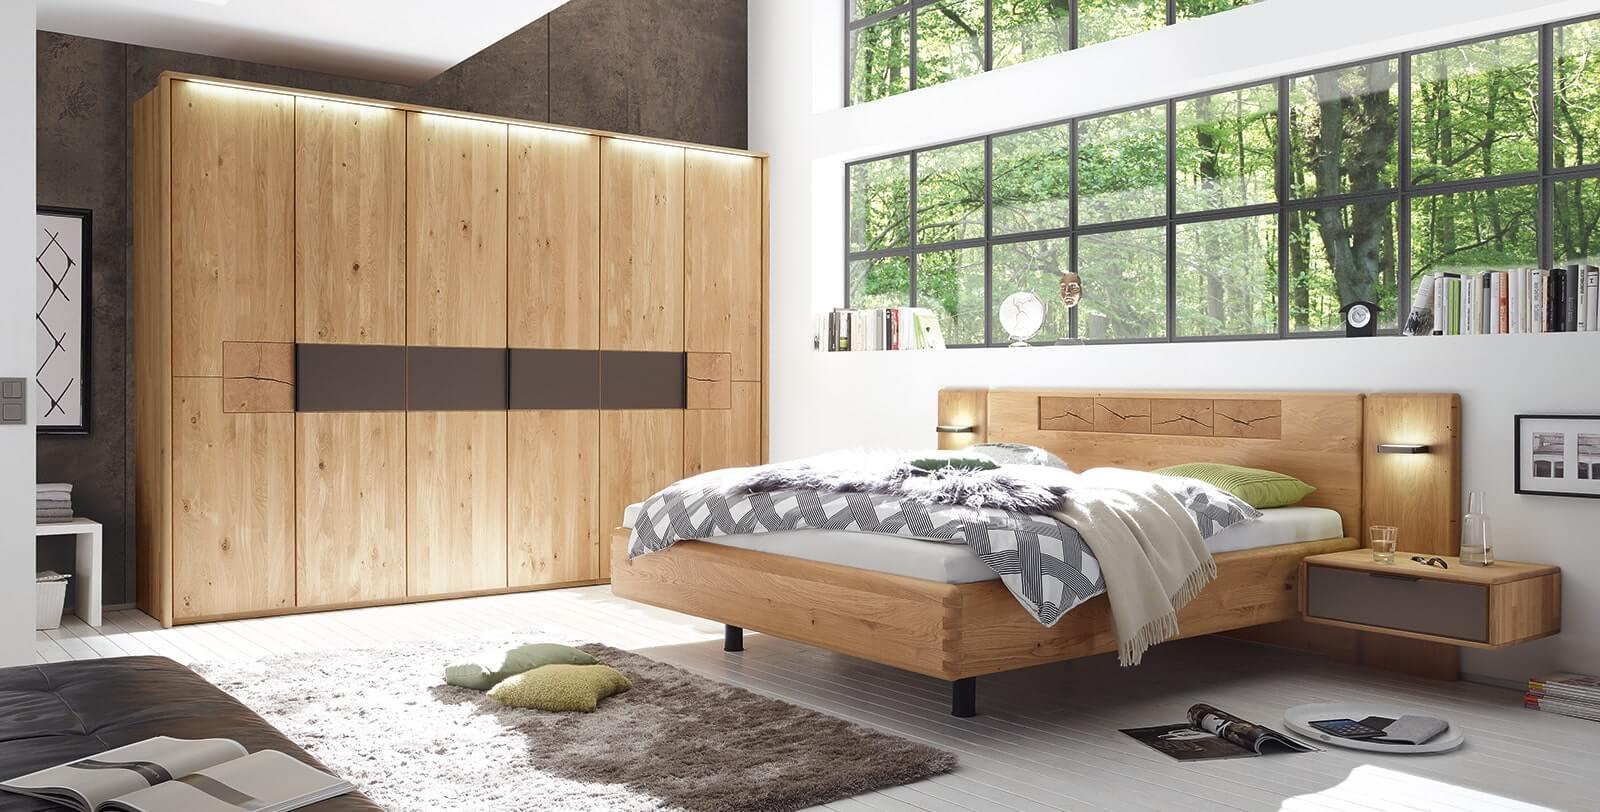 Full Size of Wstmann Mbel Fr Wohnzimmer Deckenleuchte Schlafzimmer Modern Massivholzküche Massivholz Betten Rauch Vorhänge Lampen Komplett Weiß Schränke Stehlampe Bett Schlafzimmer Schlafzimmer Massivholz